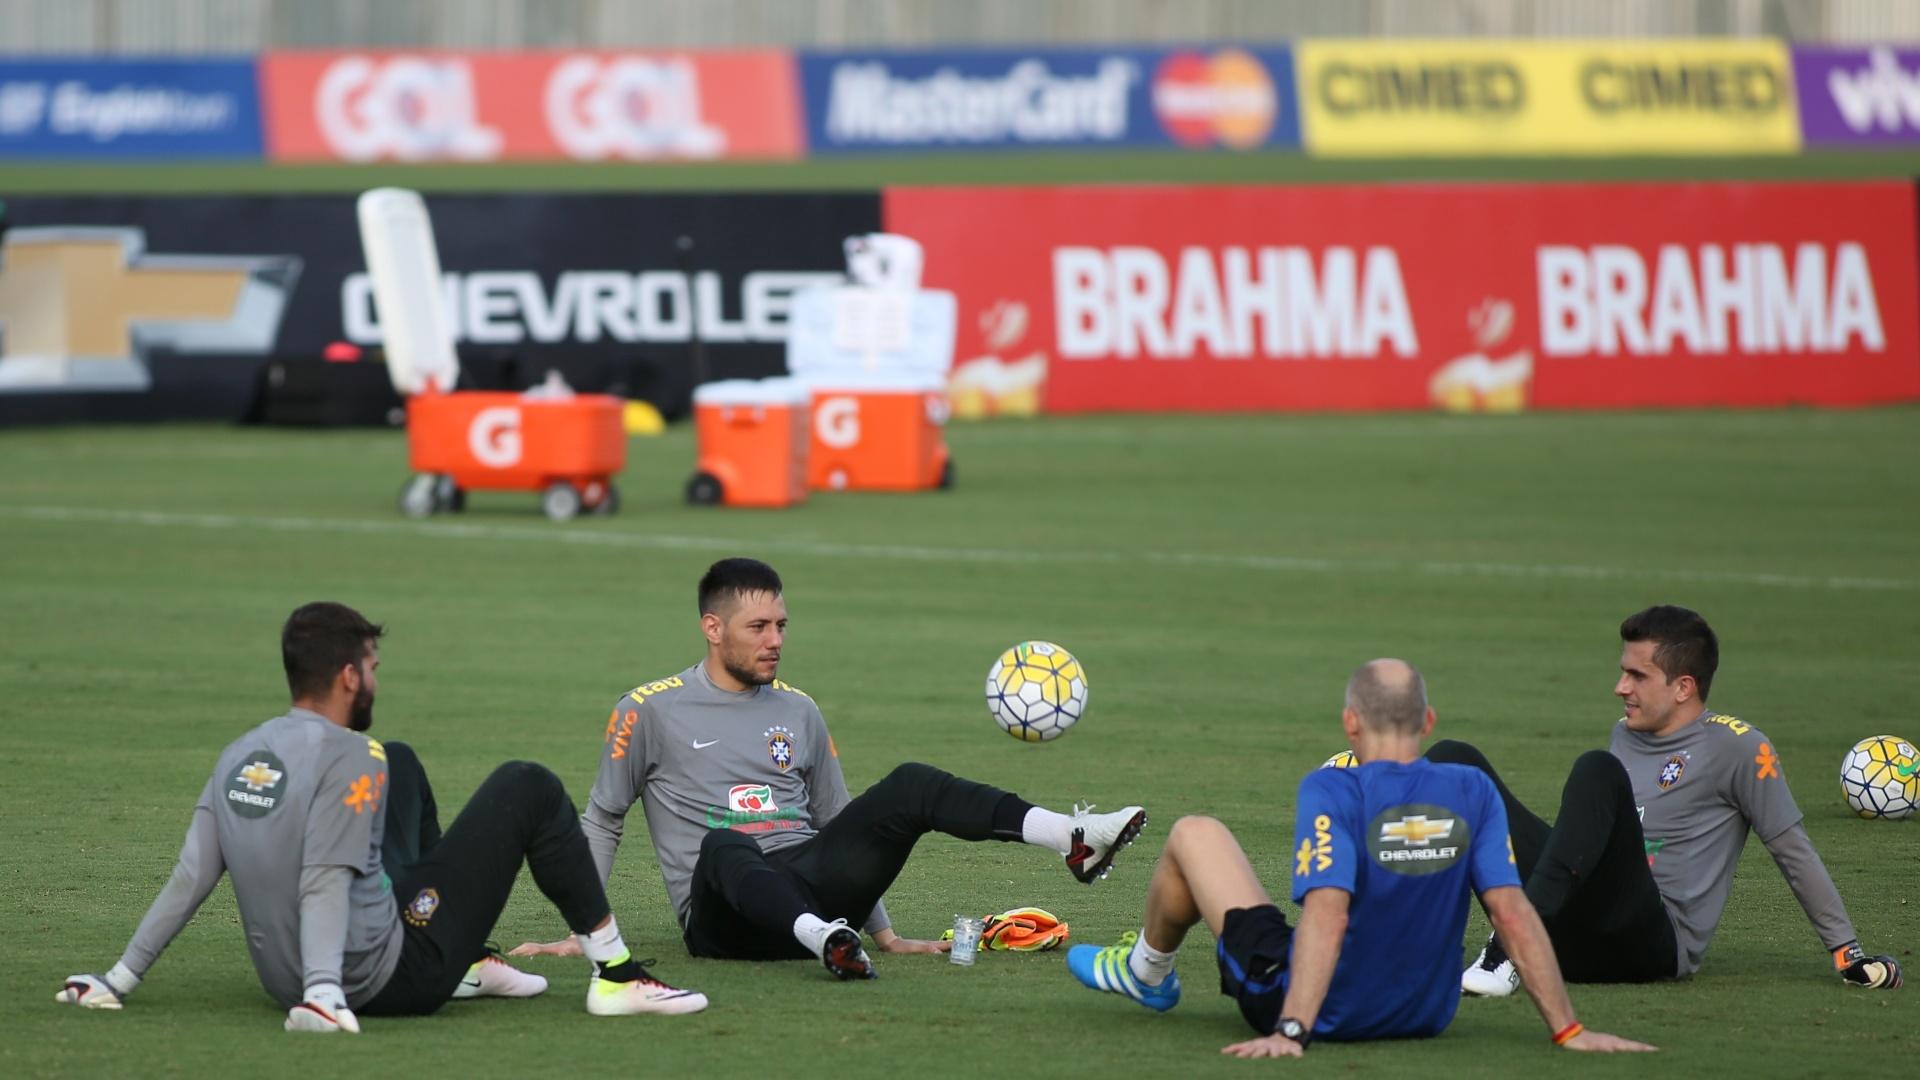 Com o preparador Taffarel, goleiros brincam durante treino da seleção